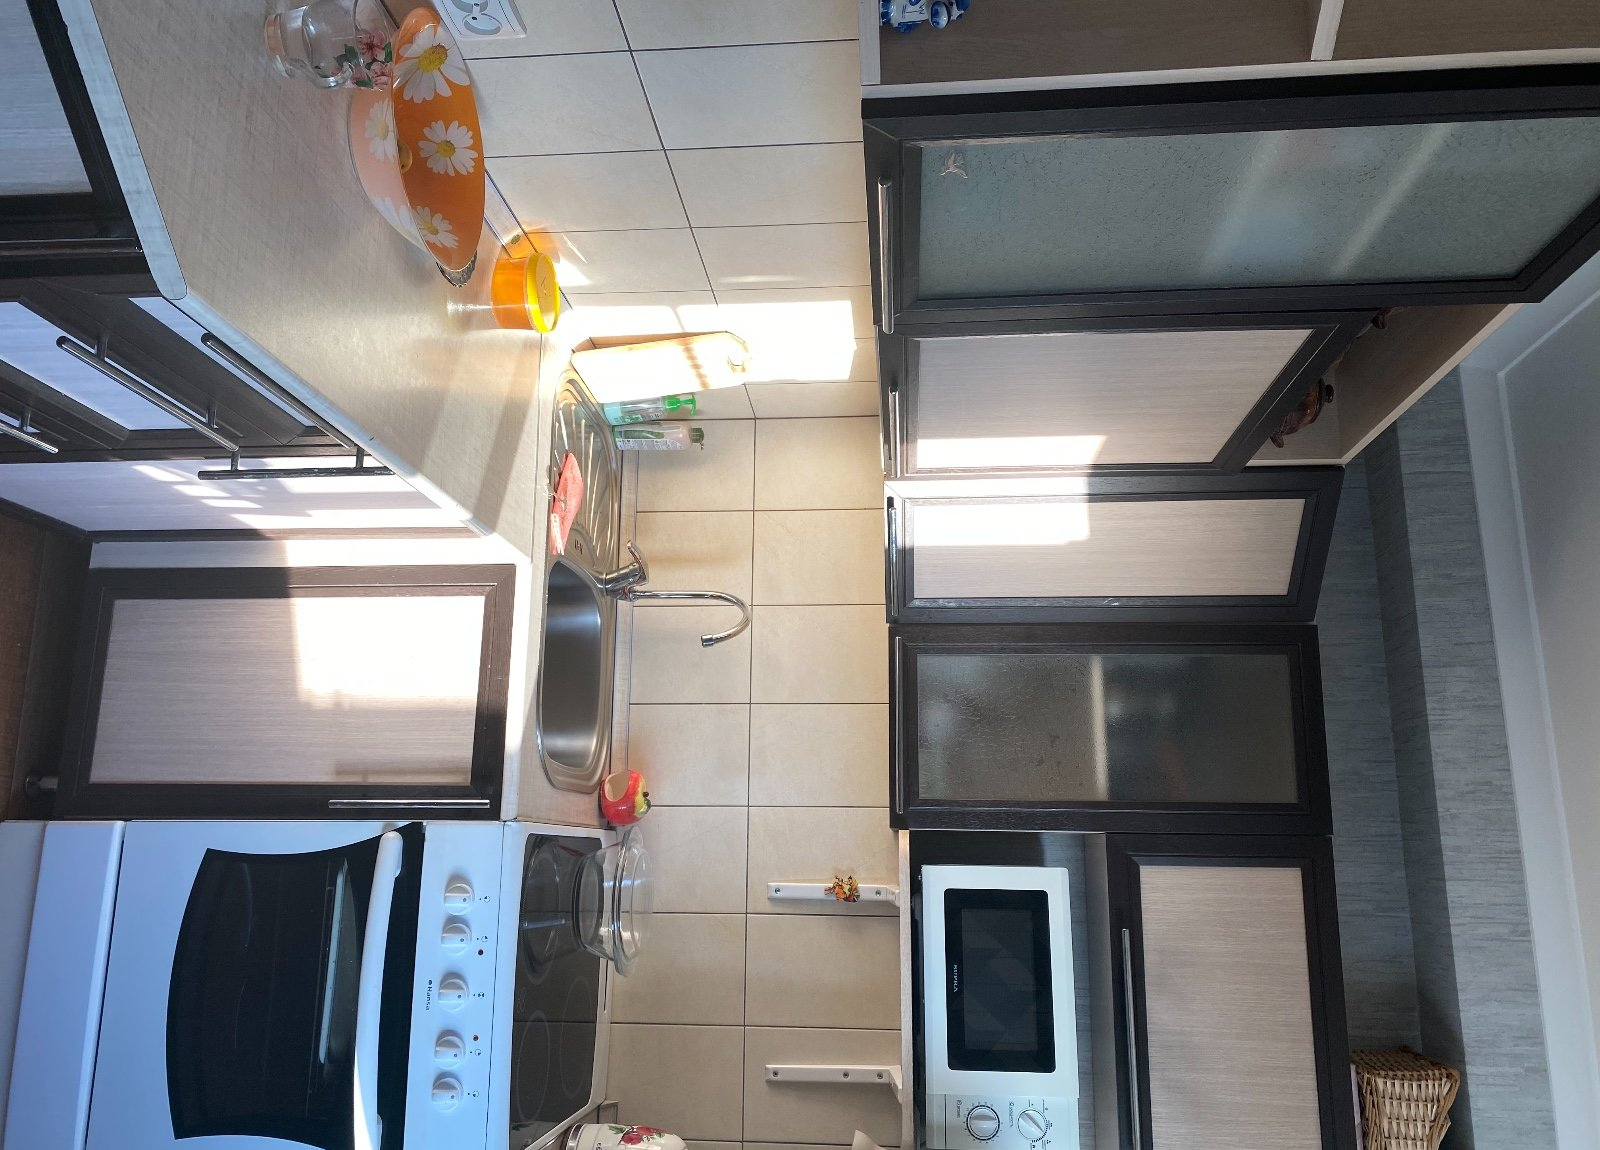 2к квартира ул Ладо Кецховели, д 58Б | 23000 | аренда в Красноярске фото 2